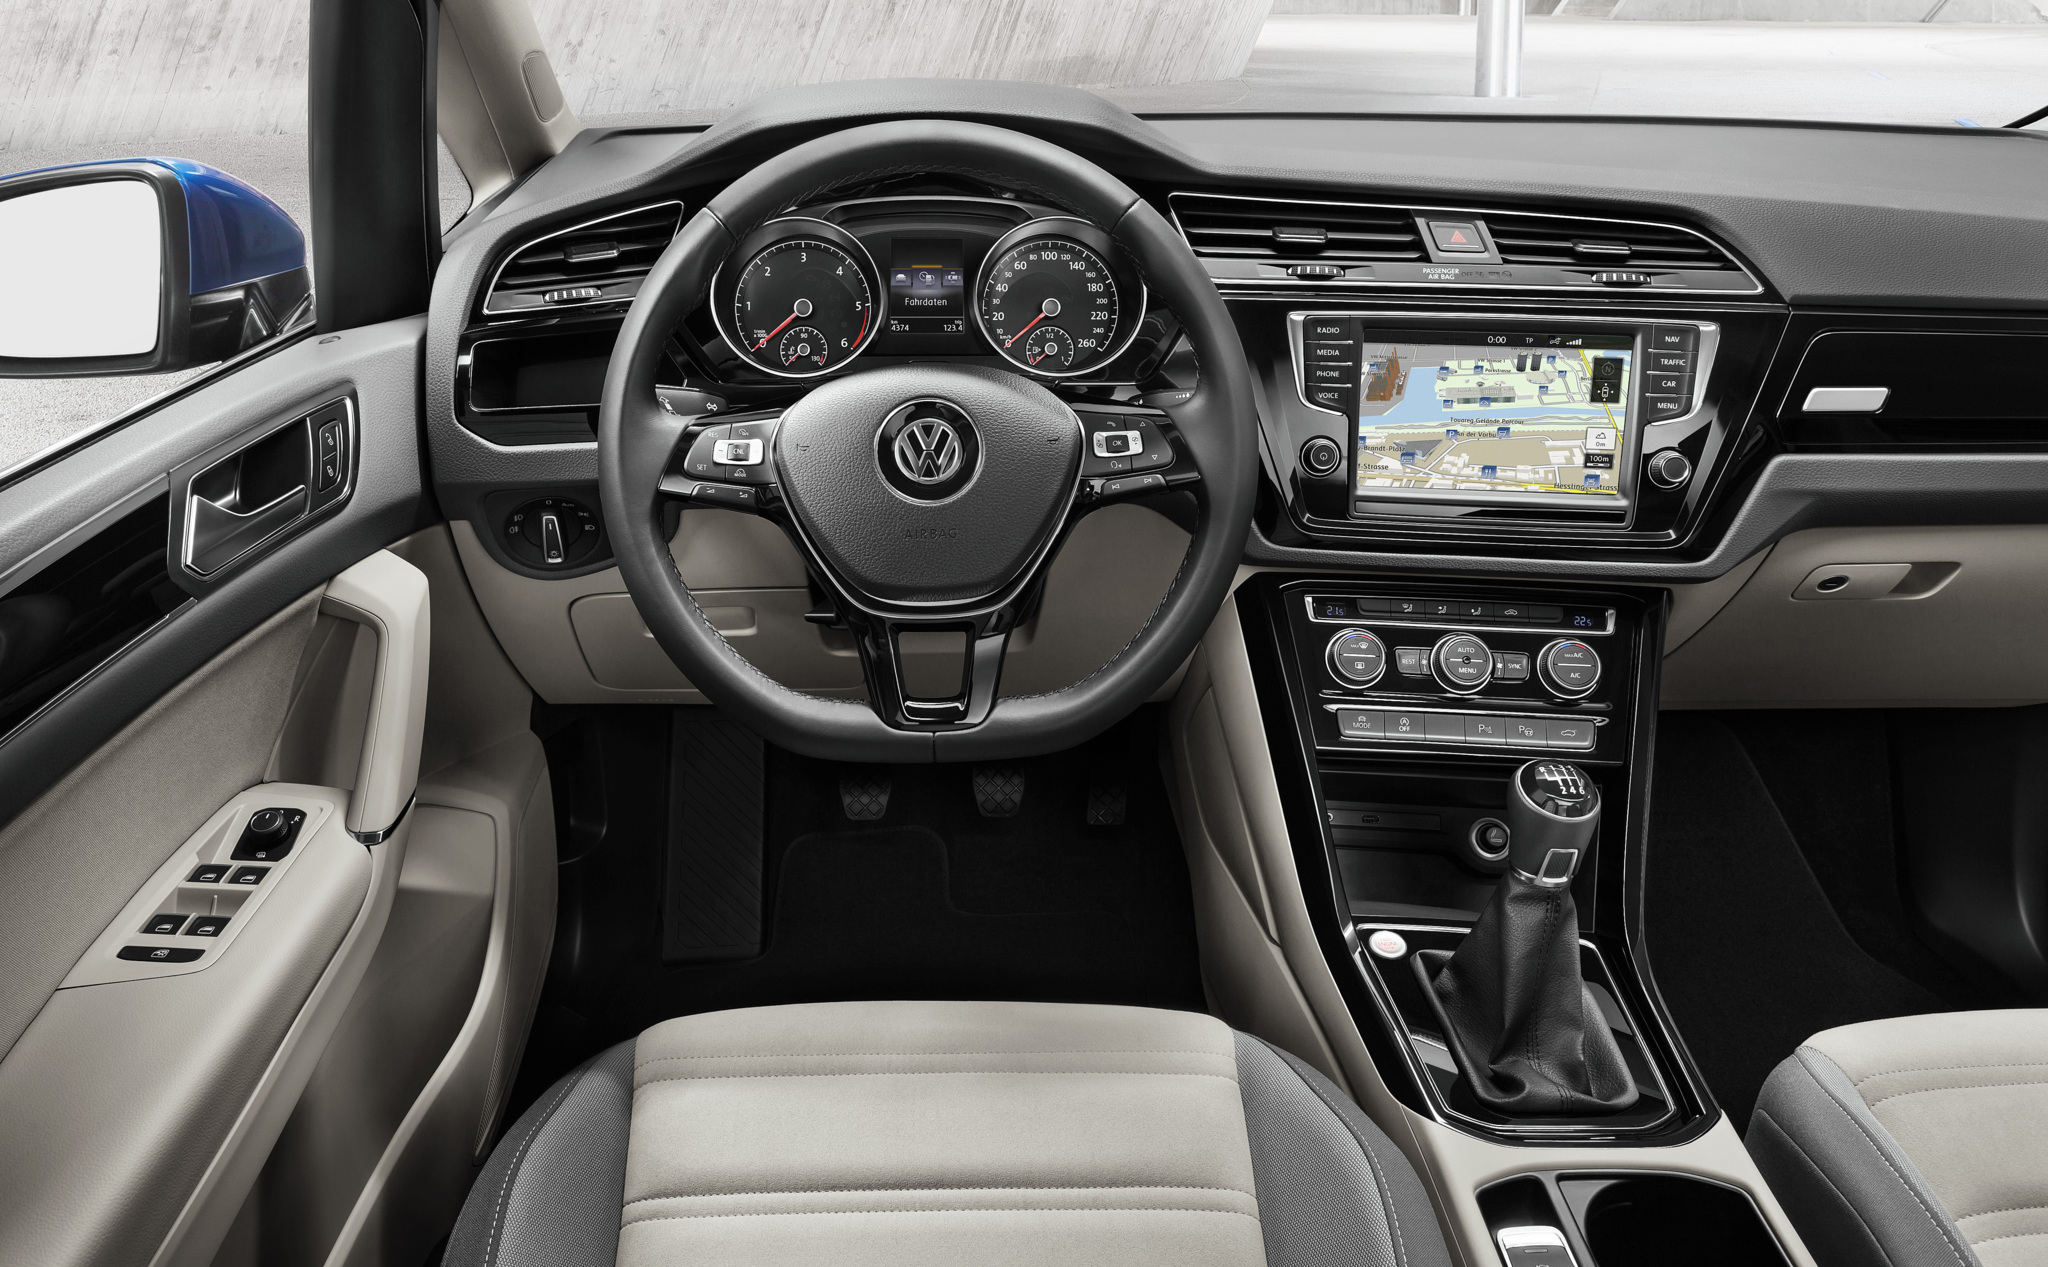 El Volkswagen Touran estrena un 1.8 TSI de 180 CV y un 2.0 TDI de 190 CV: Los más potentes de la gama 1